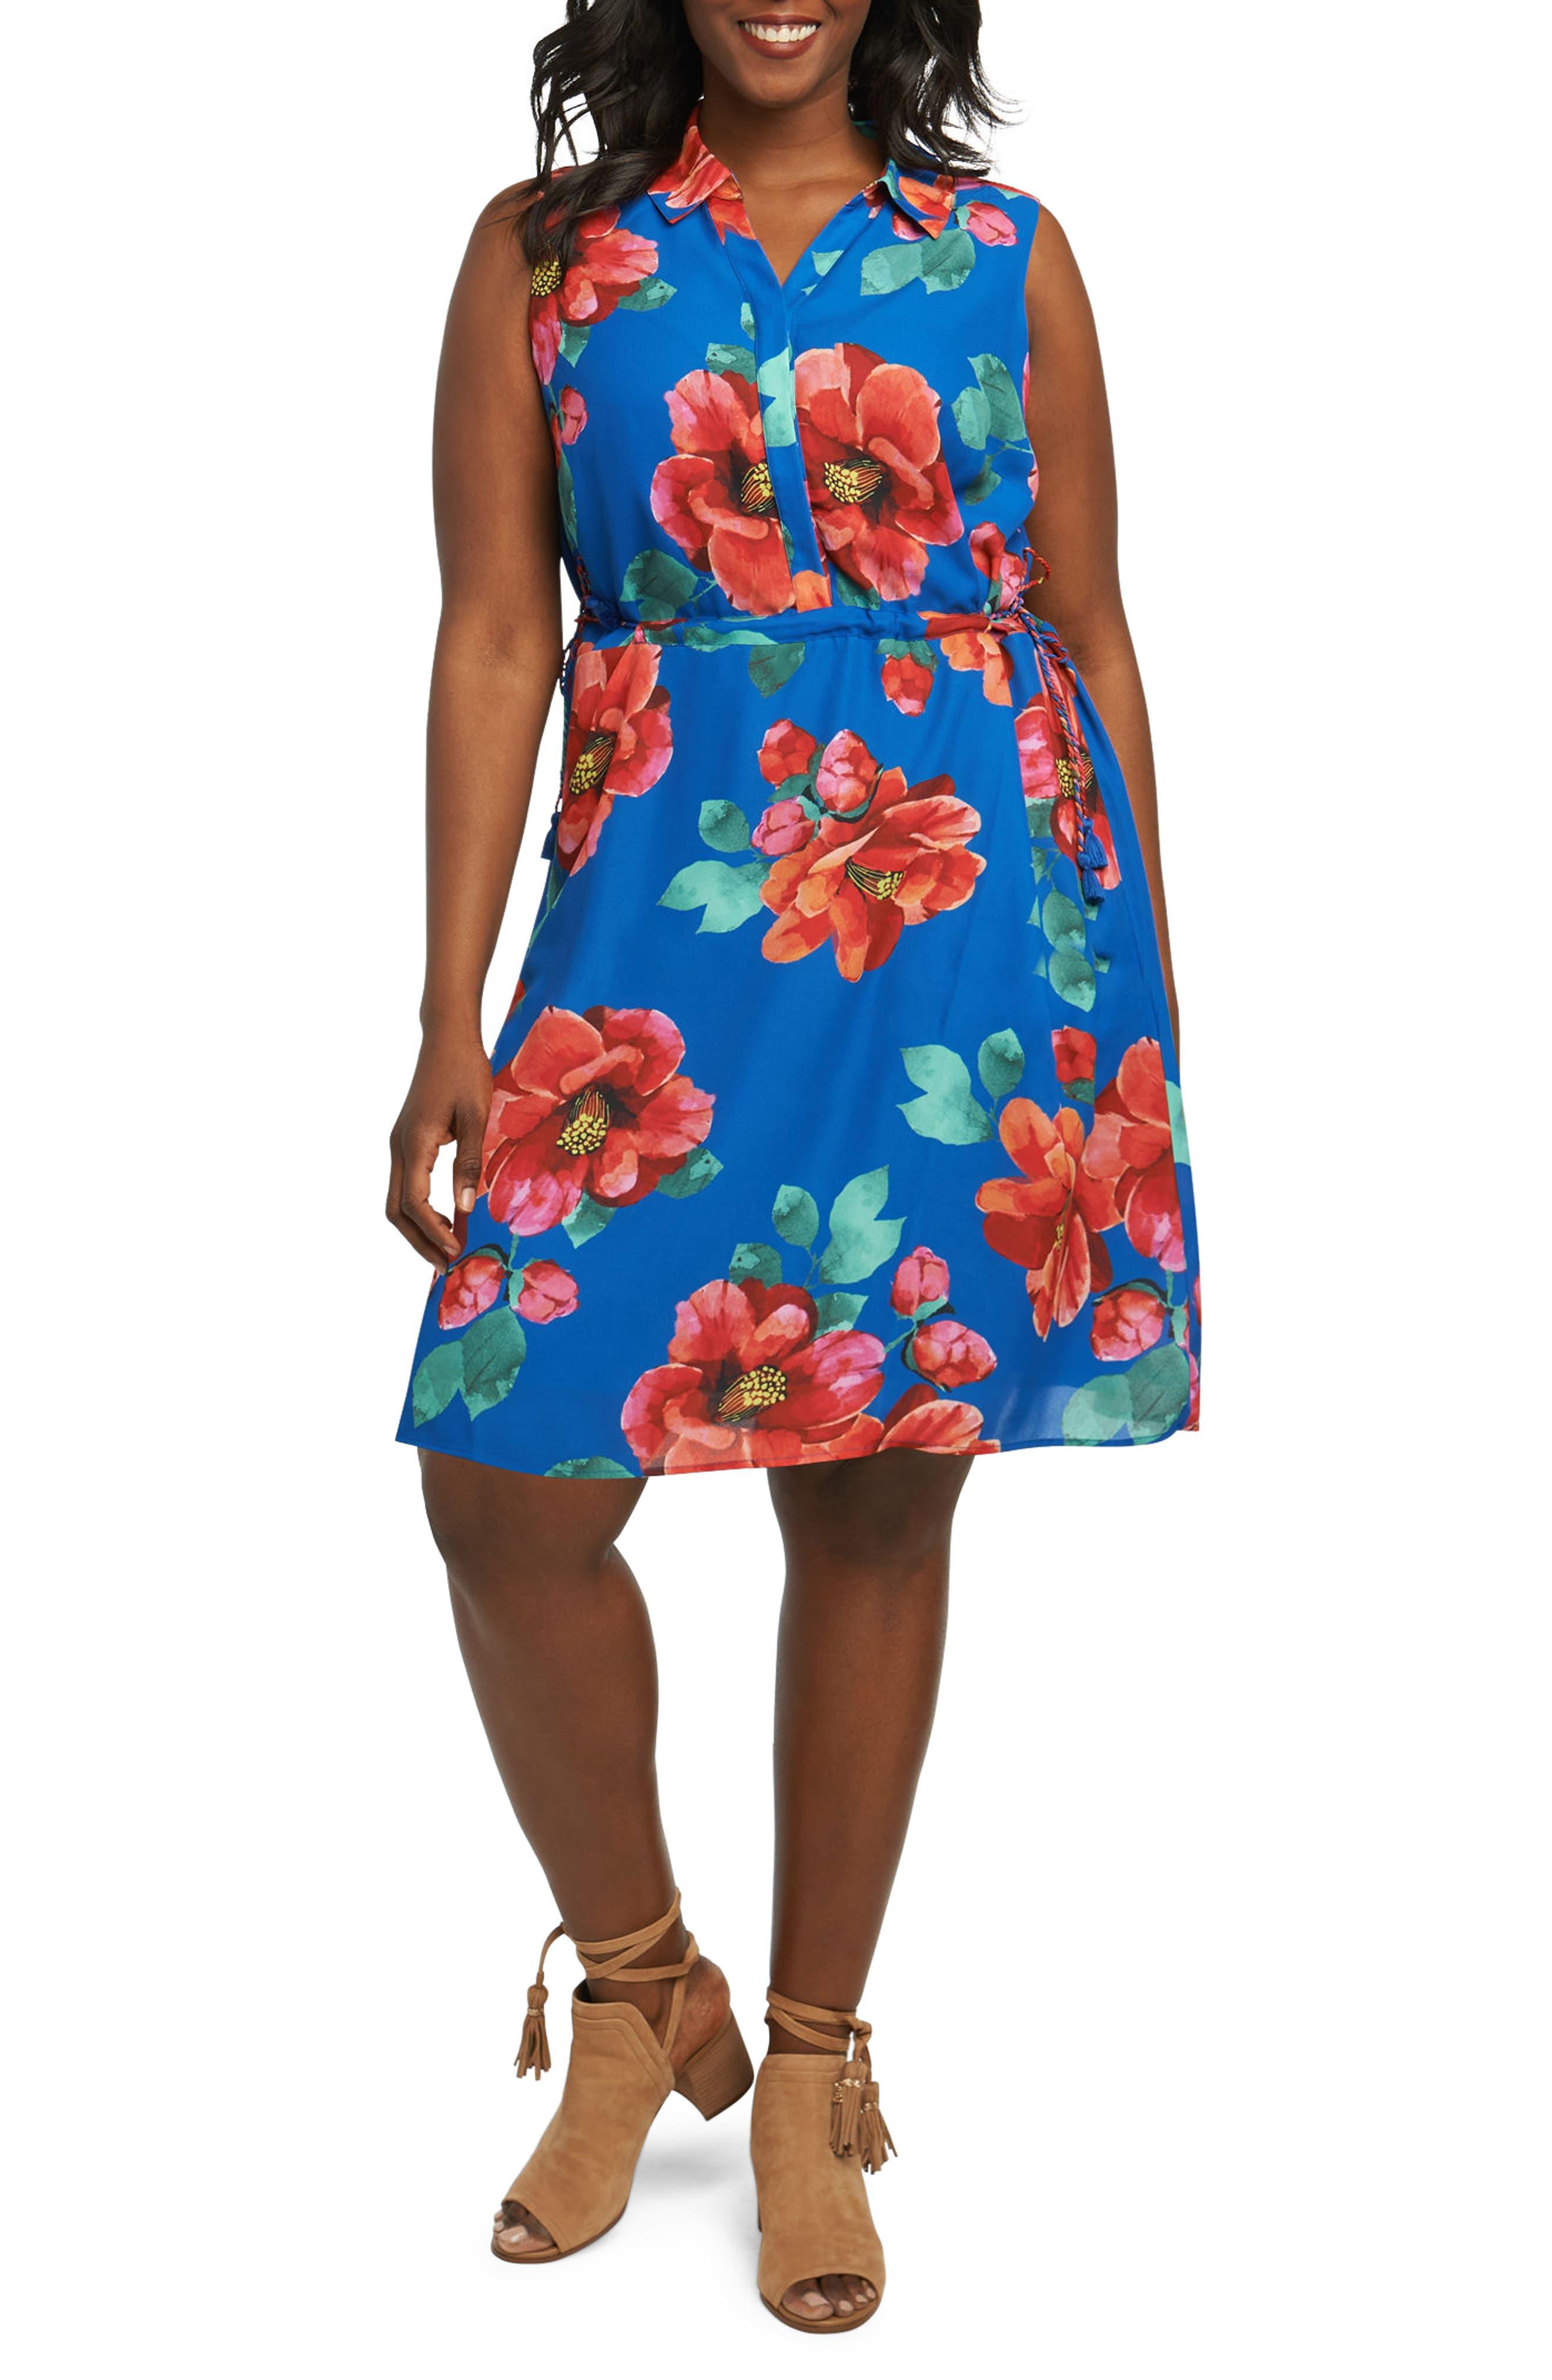 Adessia Hibiscus Floral Tassel Tie Dress,                         Main,                         color, MULTI